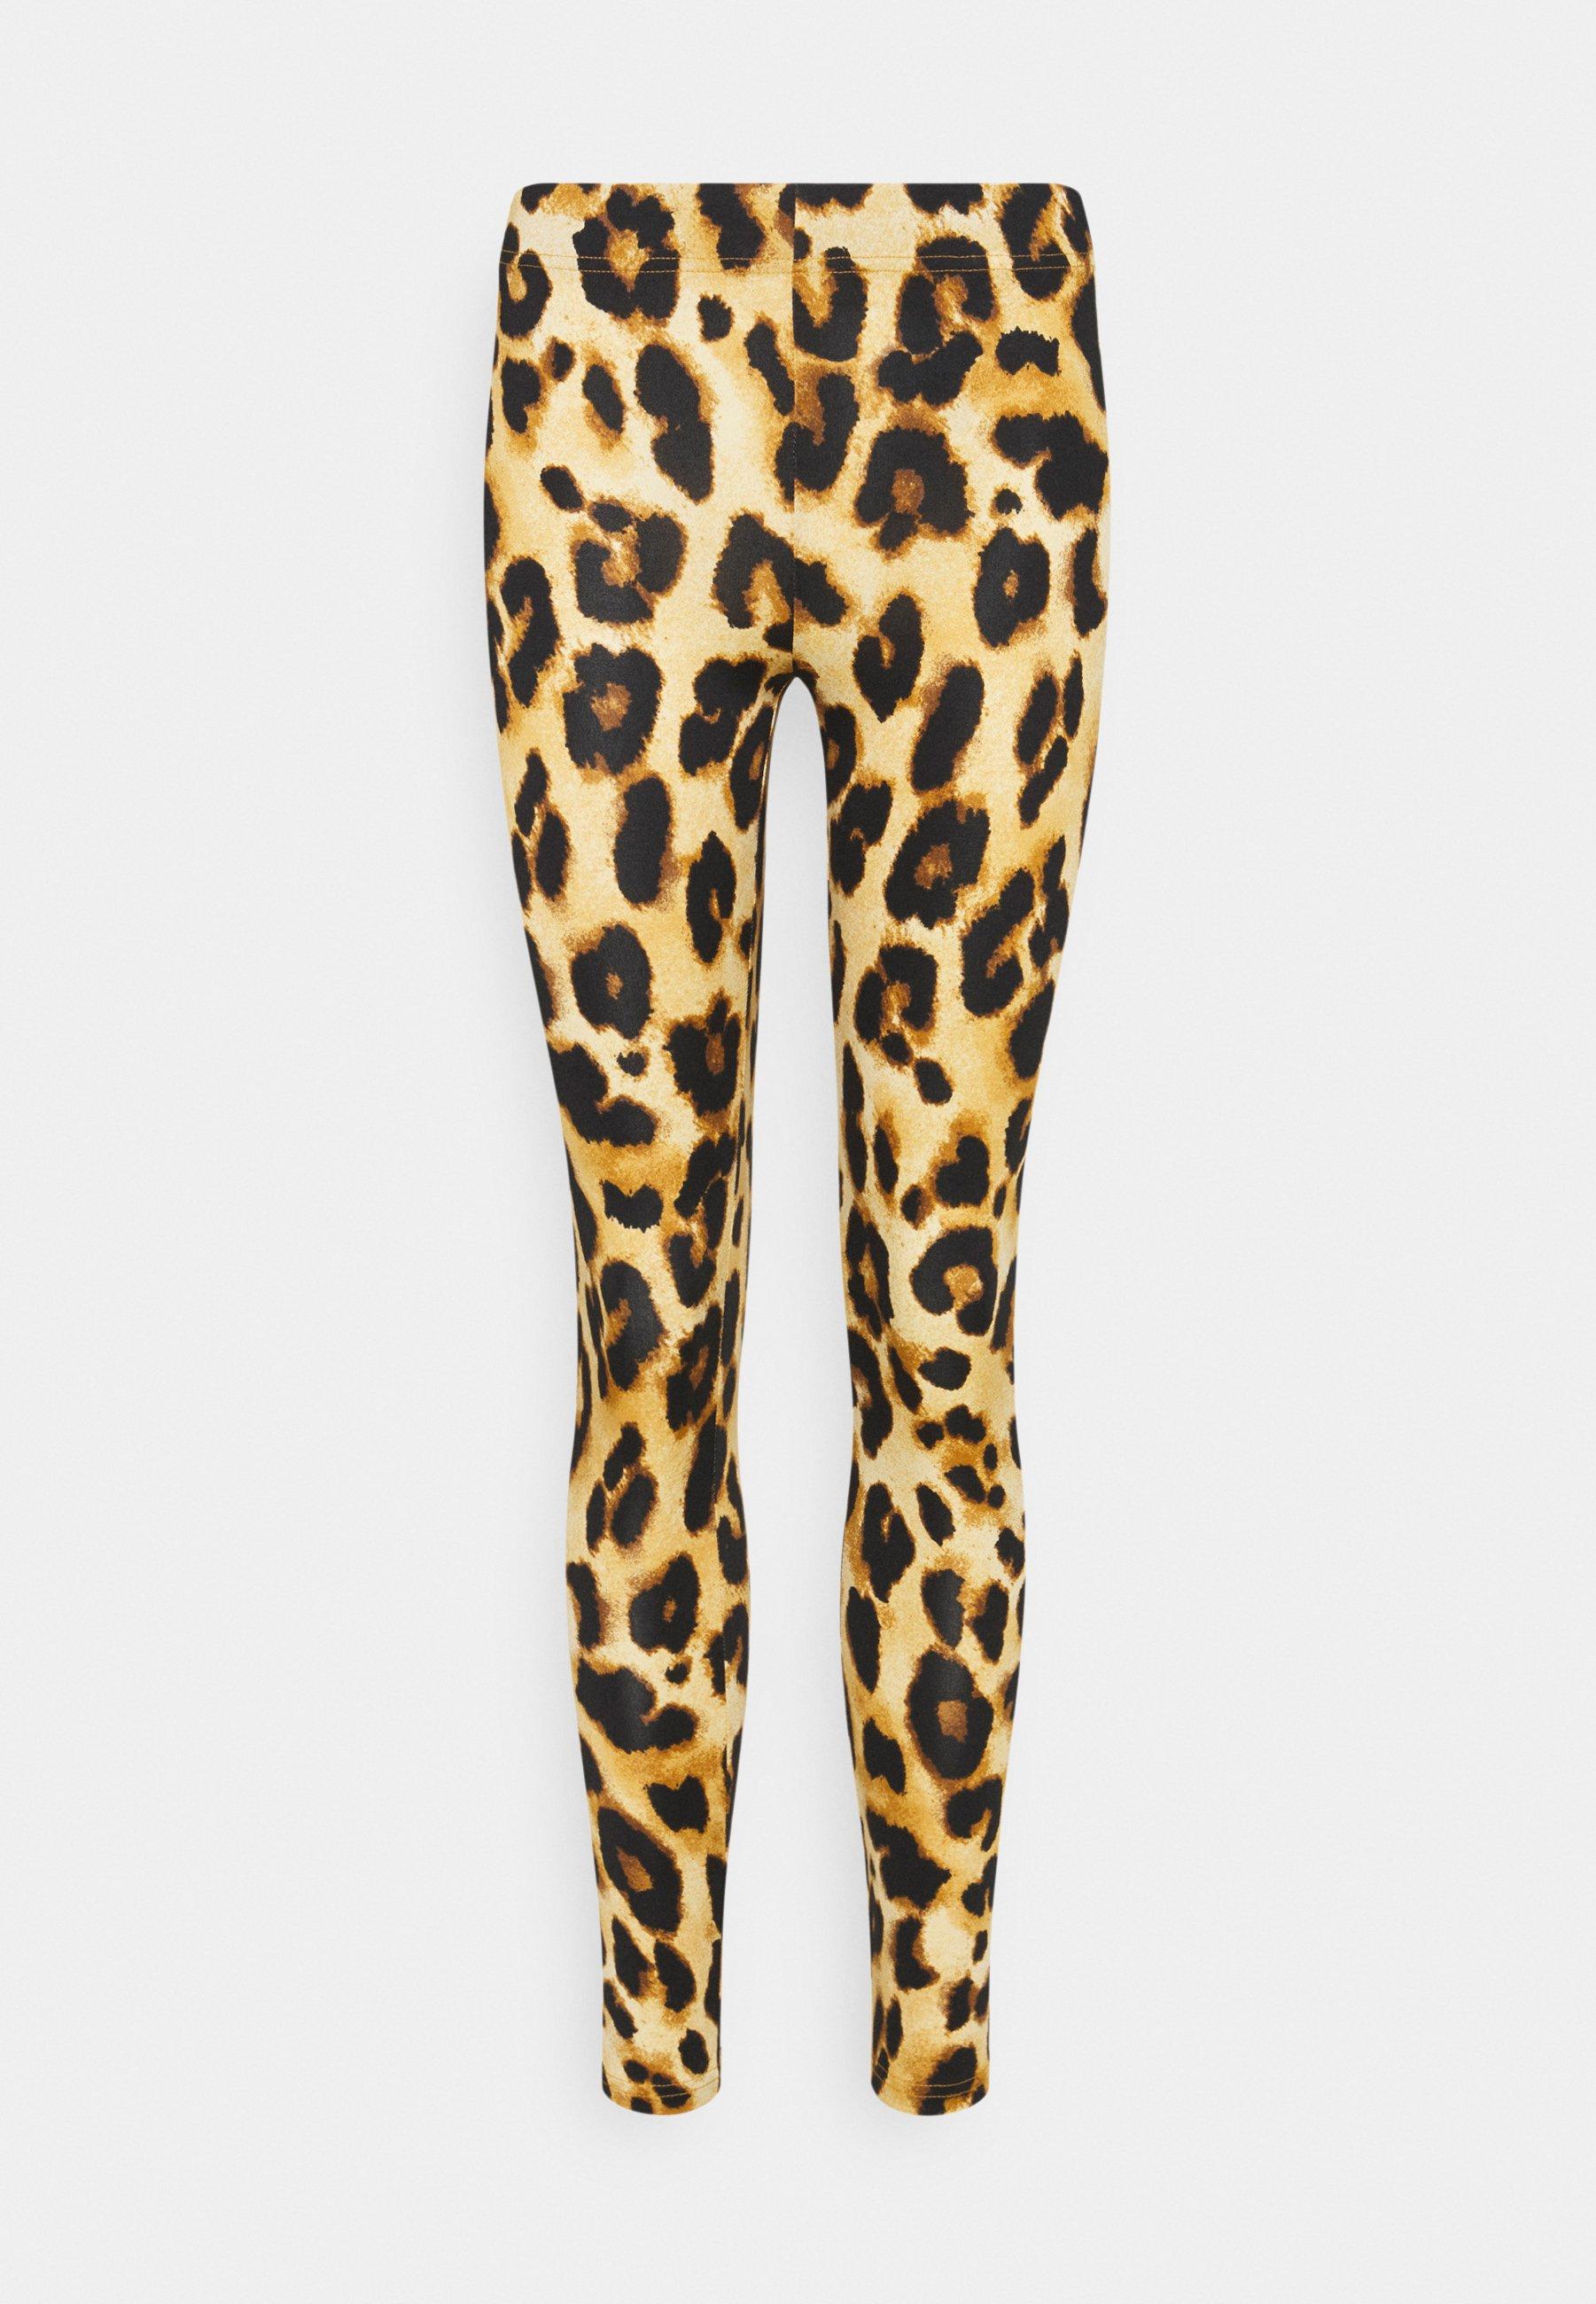 Women JDYSHAWN - Leggings - Trousers